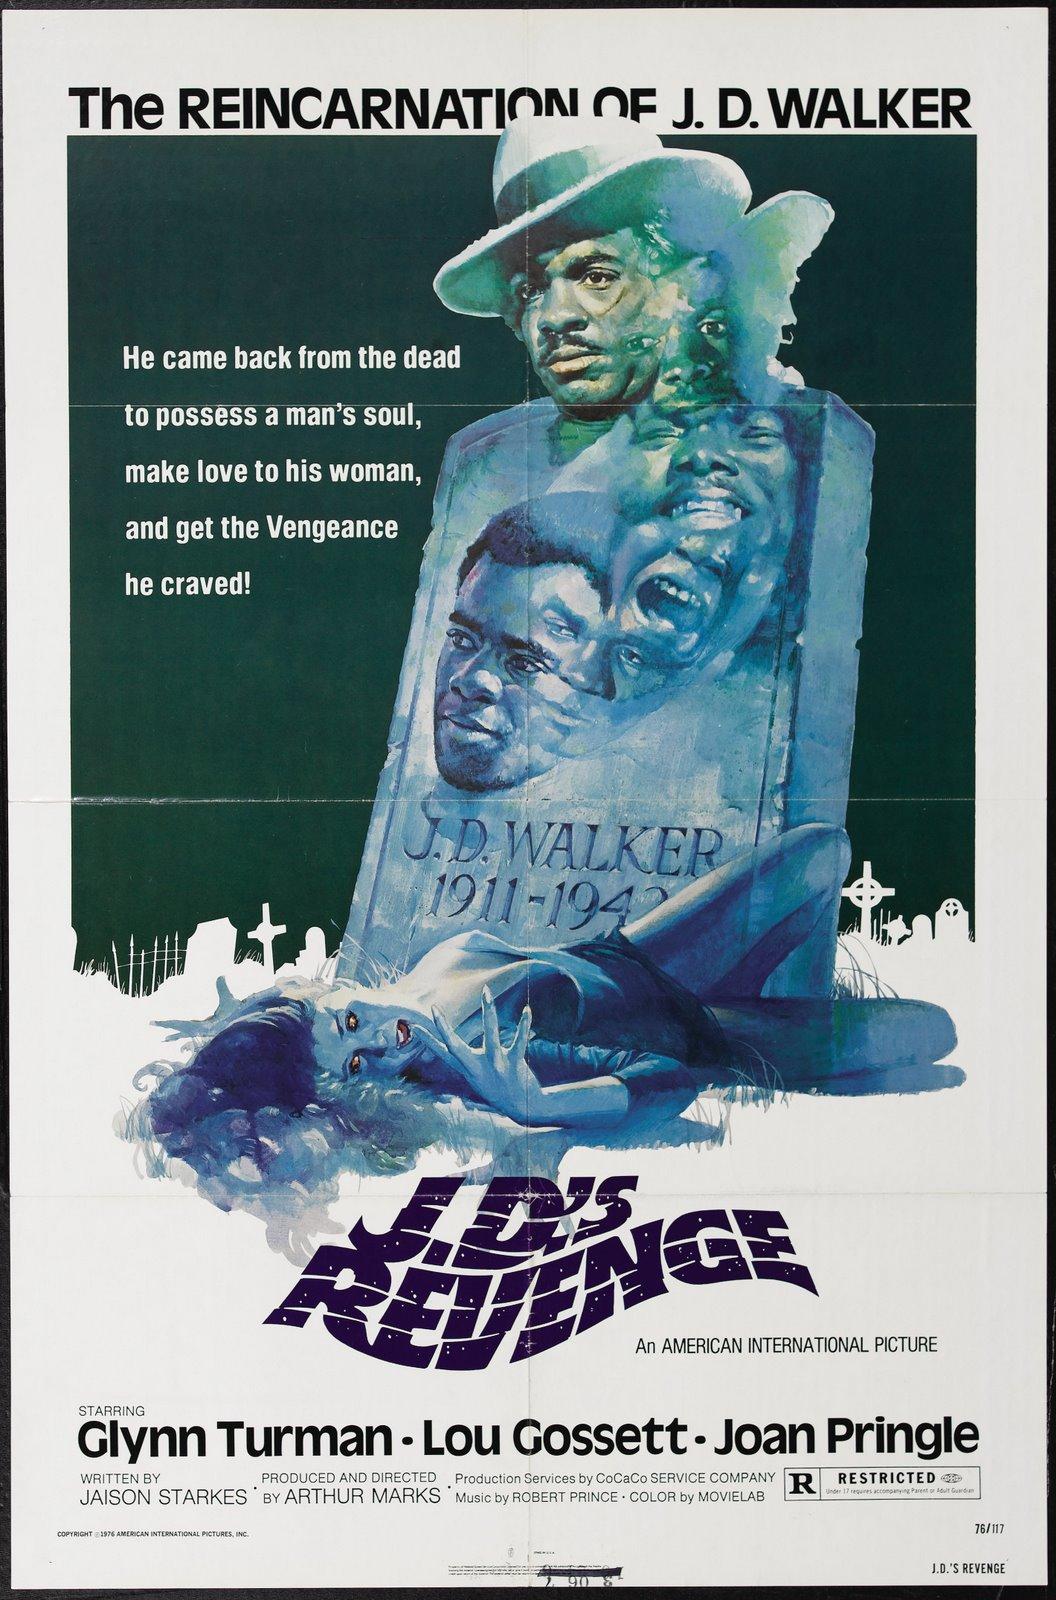 Image J.D.'s Revenge Watch Full Movie Free Online